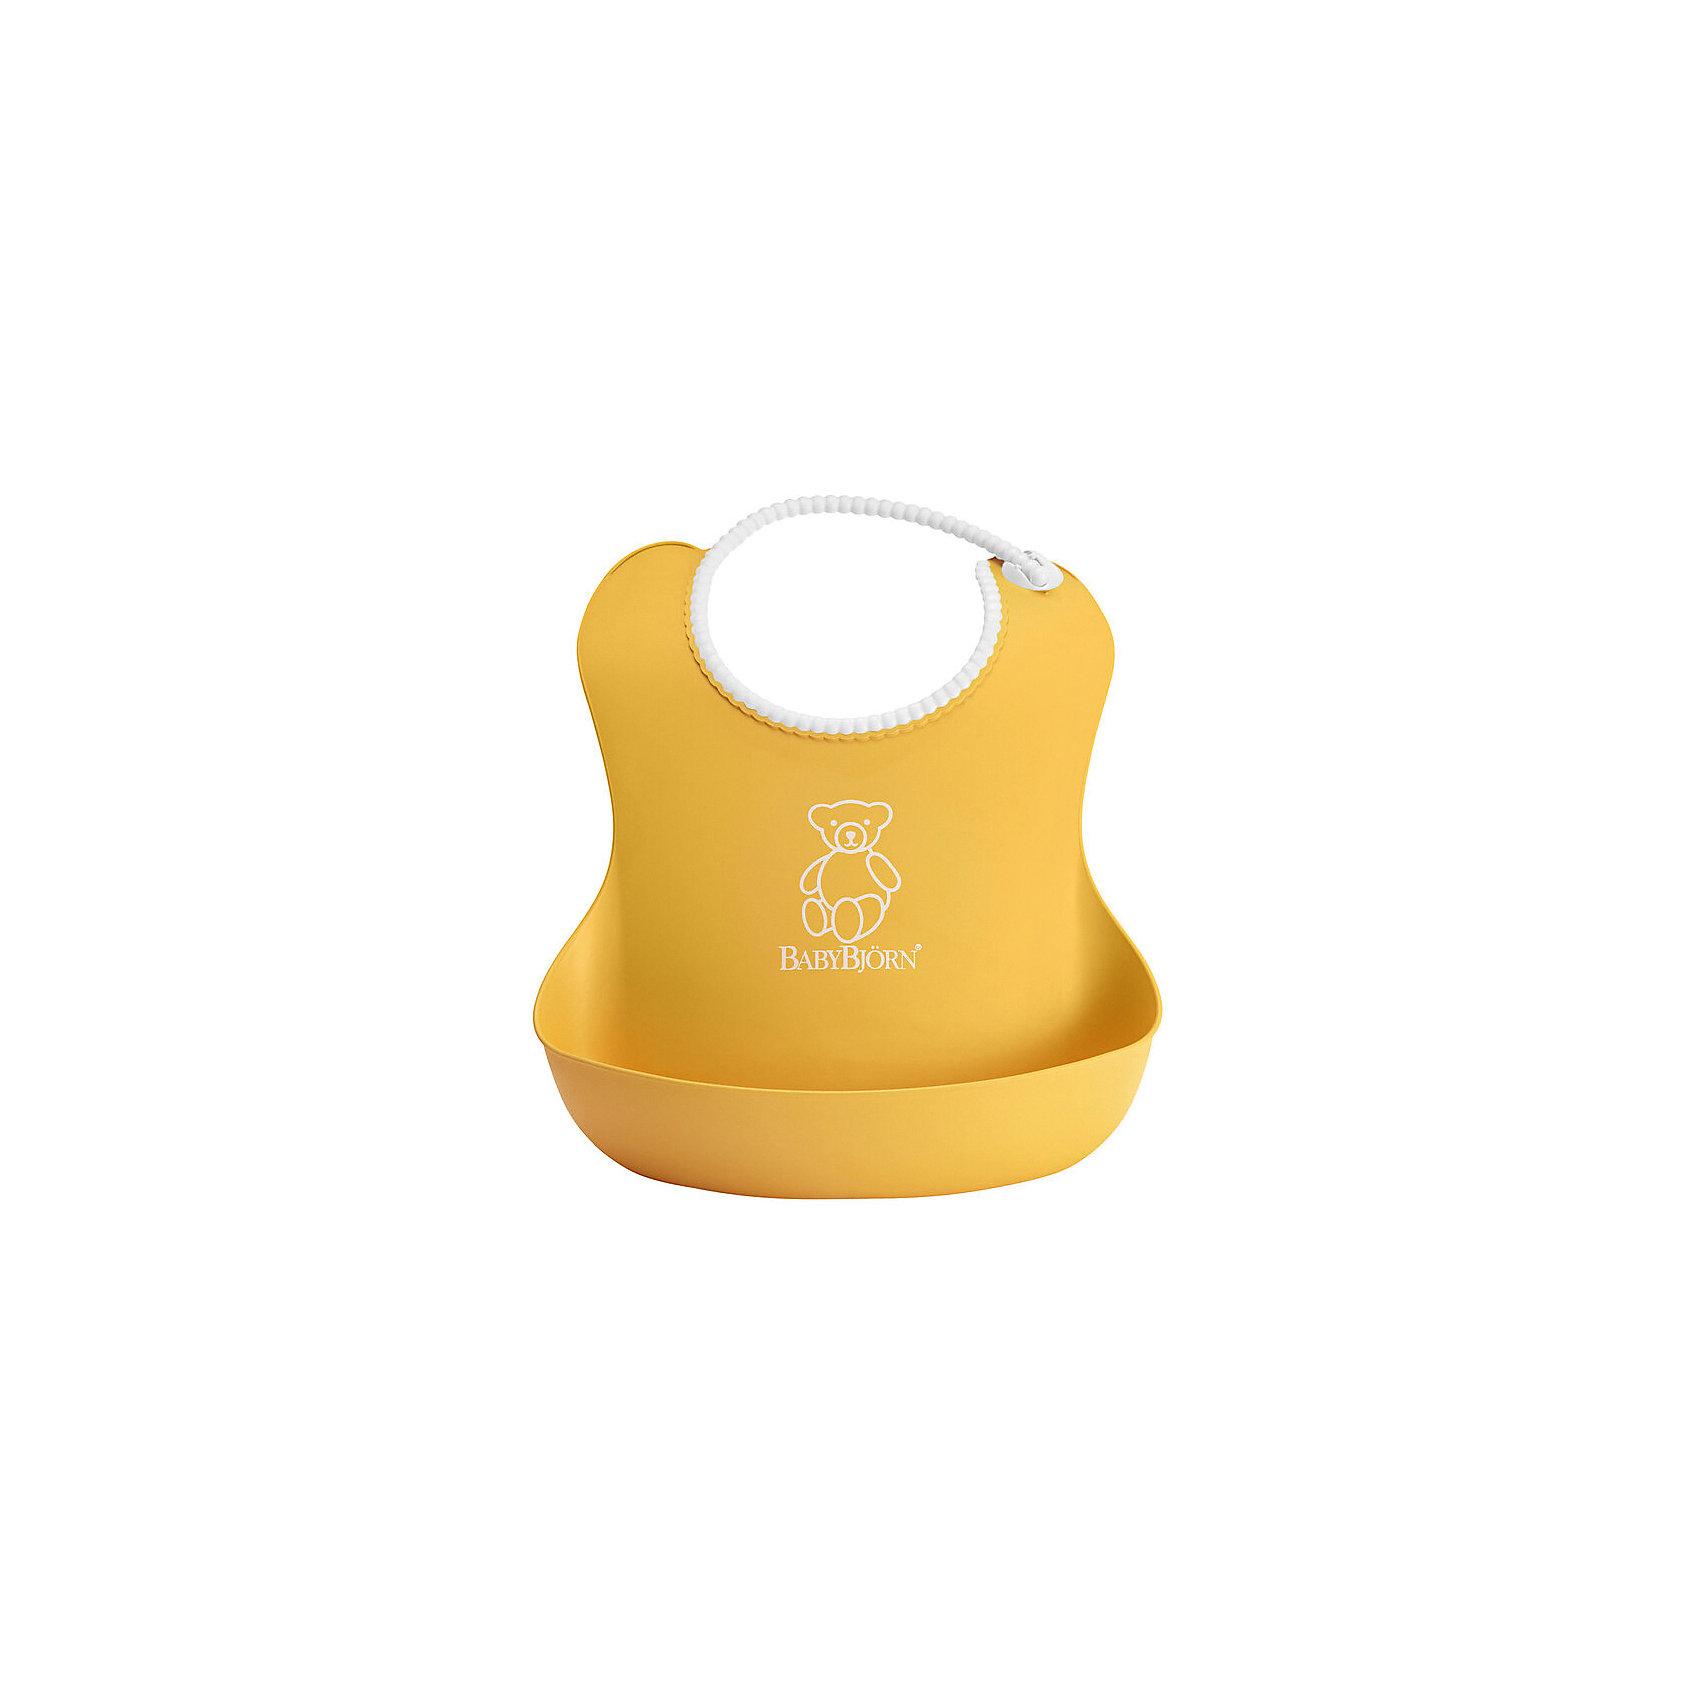 Мягкий нагрудник с карманом BabyBjorn, жёлтыйНакладки на грудь<br>Мягкий нагрудник с карманом BabyBjorn (БэйбиБьёрн) - функциональный и удобный нагрудник для активных детишек!<br><br>Этот нагрудник является незаменимым помощником для родителей, чьи дети активны во время еды. <br><br>Эргономичный дизайн нагрудника идеально подходит к строению тела малыша. Не стоит переживать из-за того, что нагрудник изготовлен из мягкого пластика - горловина очень мягкая, поэтому не поцарапает шею малыша, а замочек легко застёгивается. Вся пища останется в специальном кармане для улавливания пищи, сам нагрудник легко мыть даже в посудомоечной машине. <br><br>Яркий дизайн улучшит аппетит малыша во время самостоятельного приёма пищи! <br><br>Мягкий нагрудник с карманом BabyBjorn можно купить в нашем интернет-магазине.<br><br>Дополнительная информация:<br>- Размер горловины: 19-30 см.<br>- Цвет: желтый.<br>- Материал: полиэстат. Не содержит фталатов или ПВХ.<br><br>Ширина мм: 250<br>Глубина мм: 550<br>Высота мм: 325<br>Вес г: 100<br>Возраст от месяцев: 4<br>Возраст до месяцев: 36<br>Пол: Унисекс<br>Возраст: Детский<br>SKU: 2157582